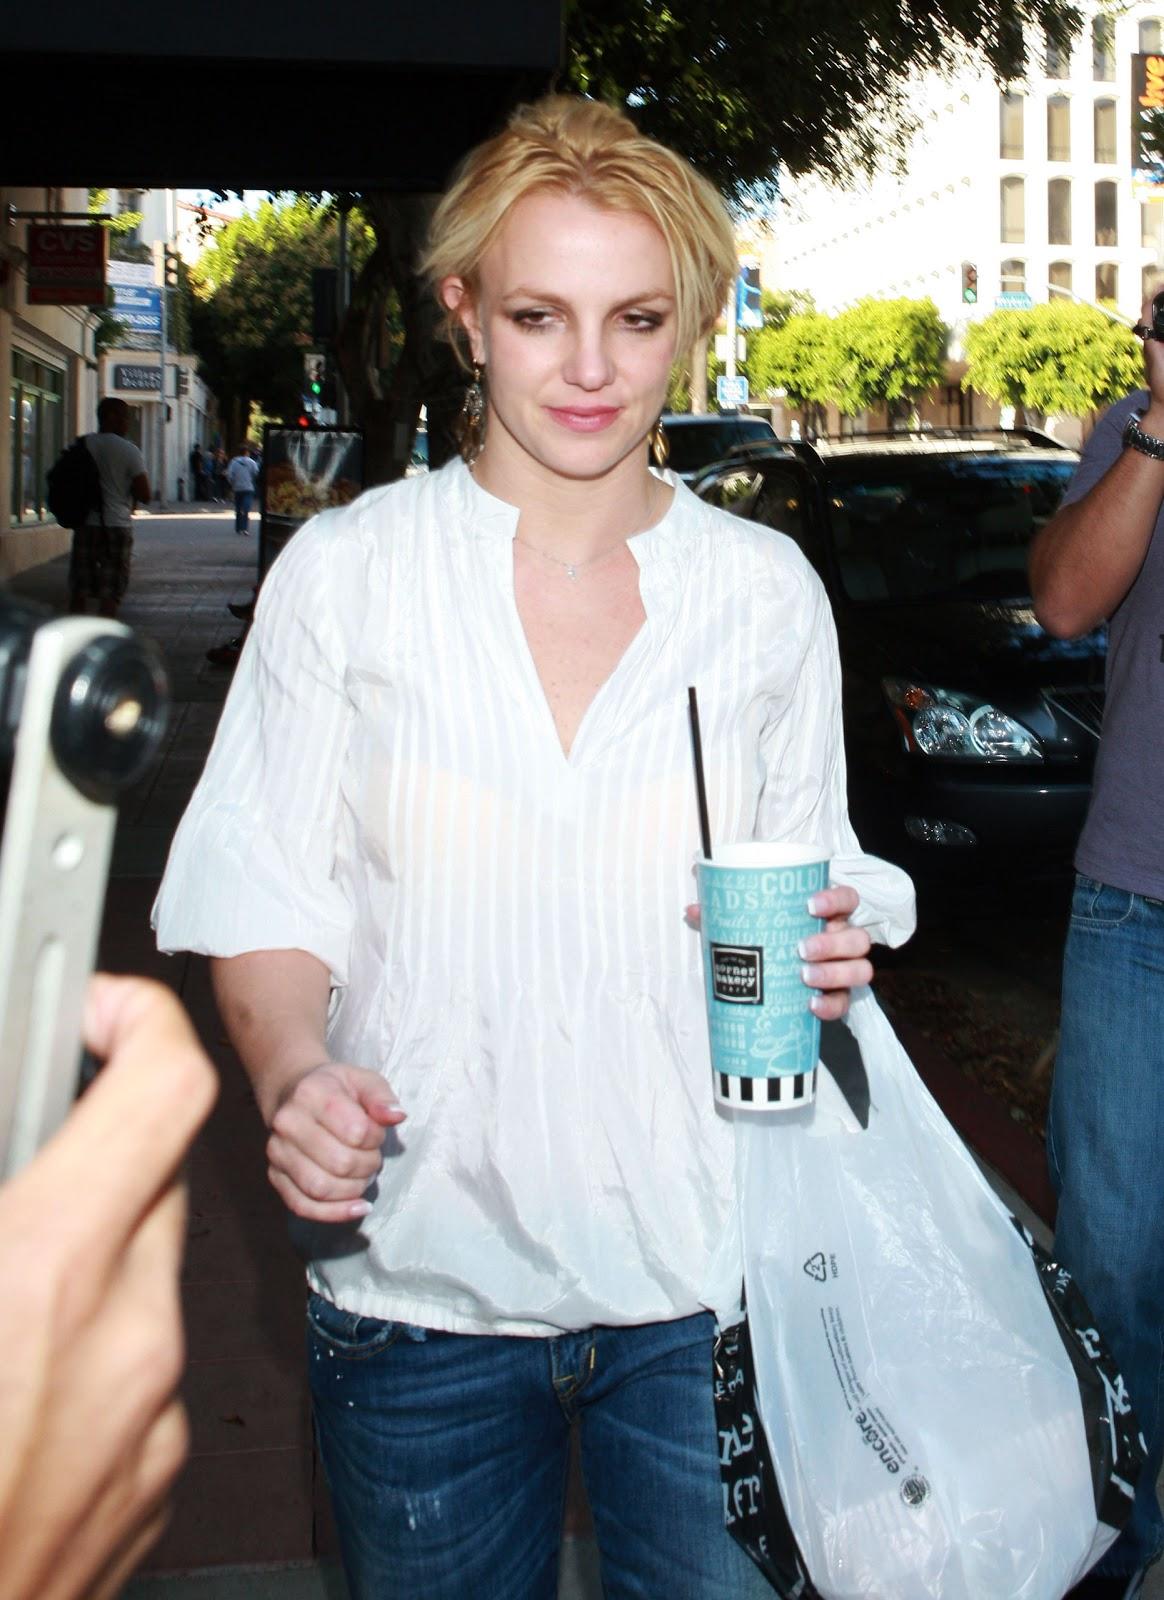 FP_5954288_FP7_Spears_Britney_102610.jpg